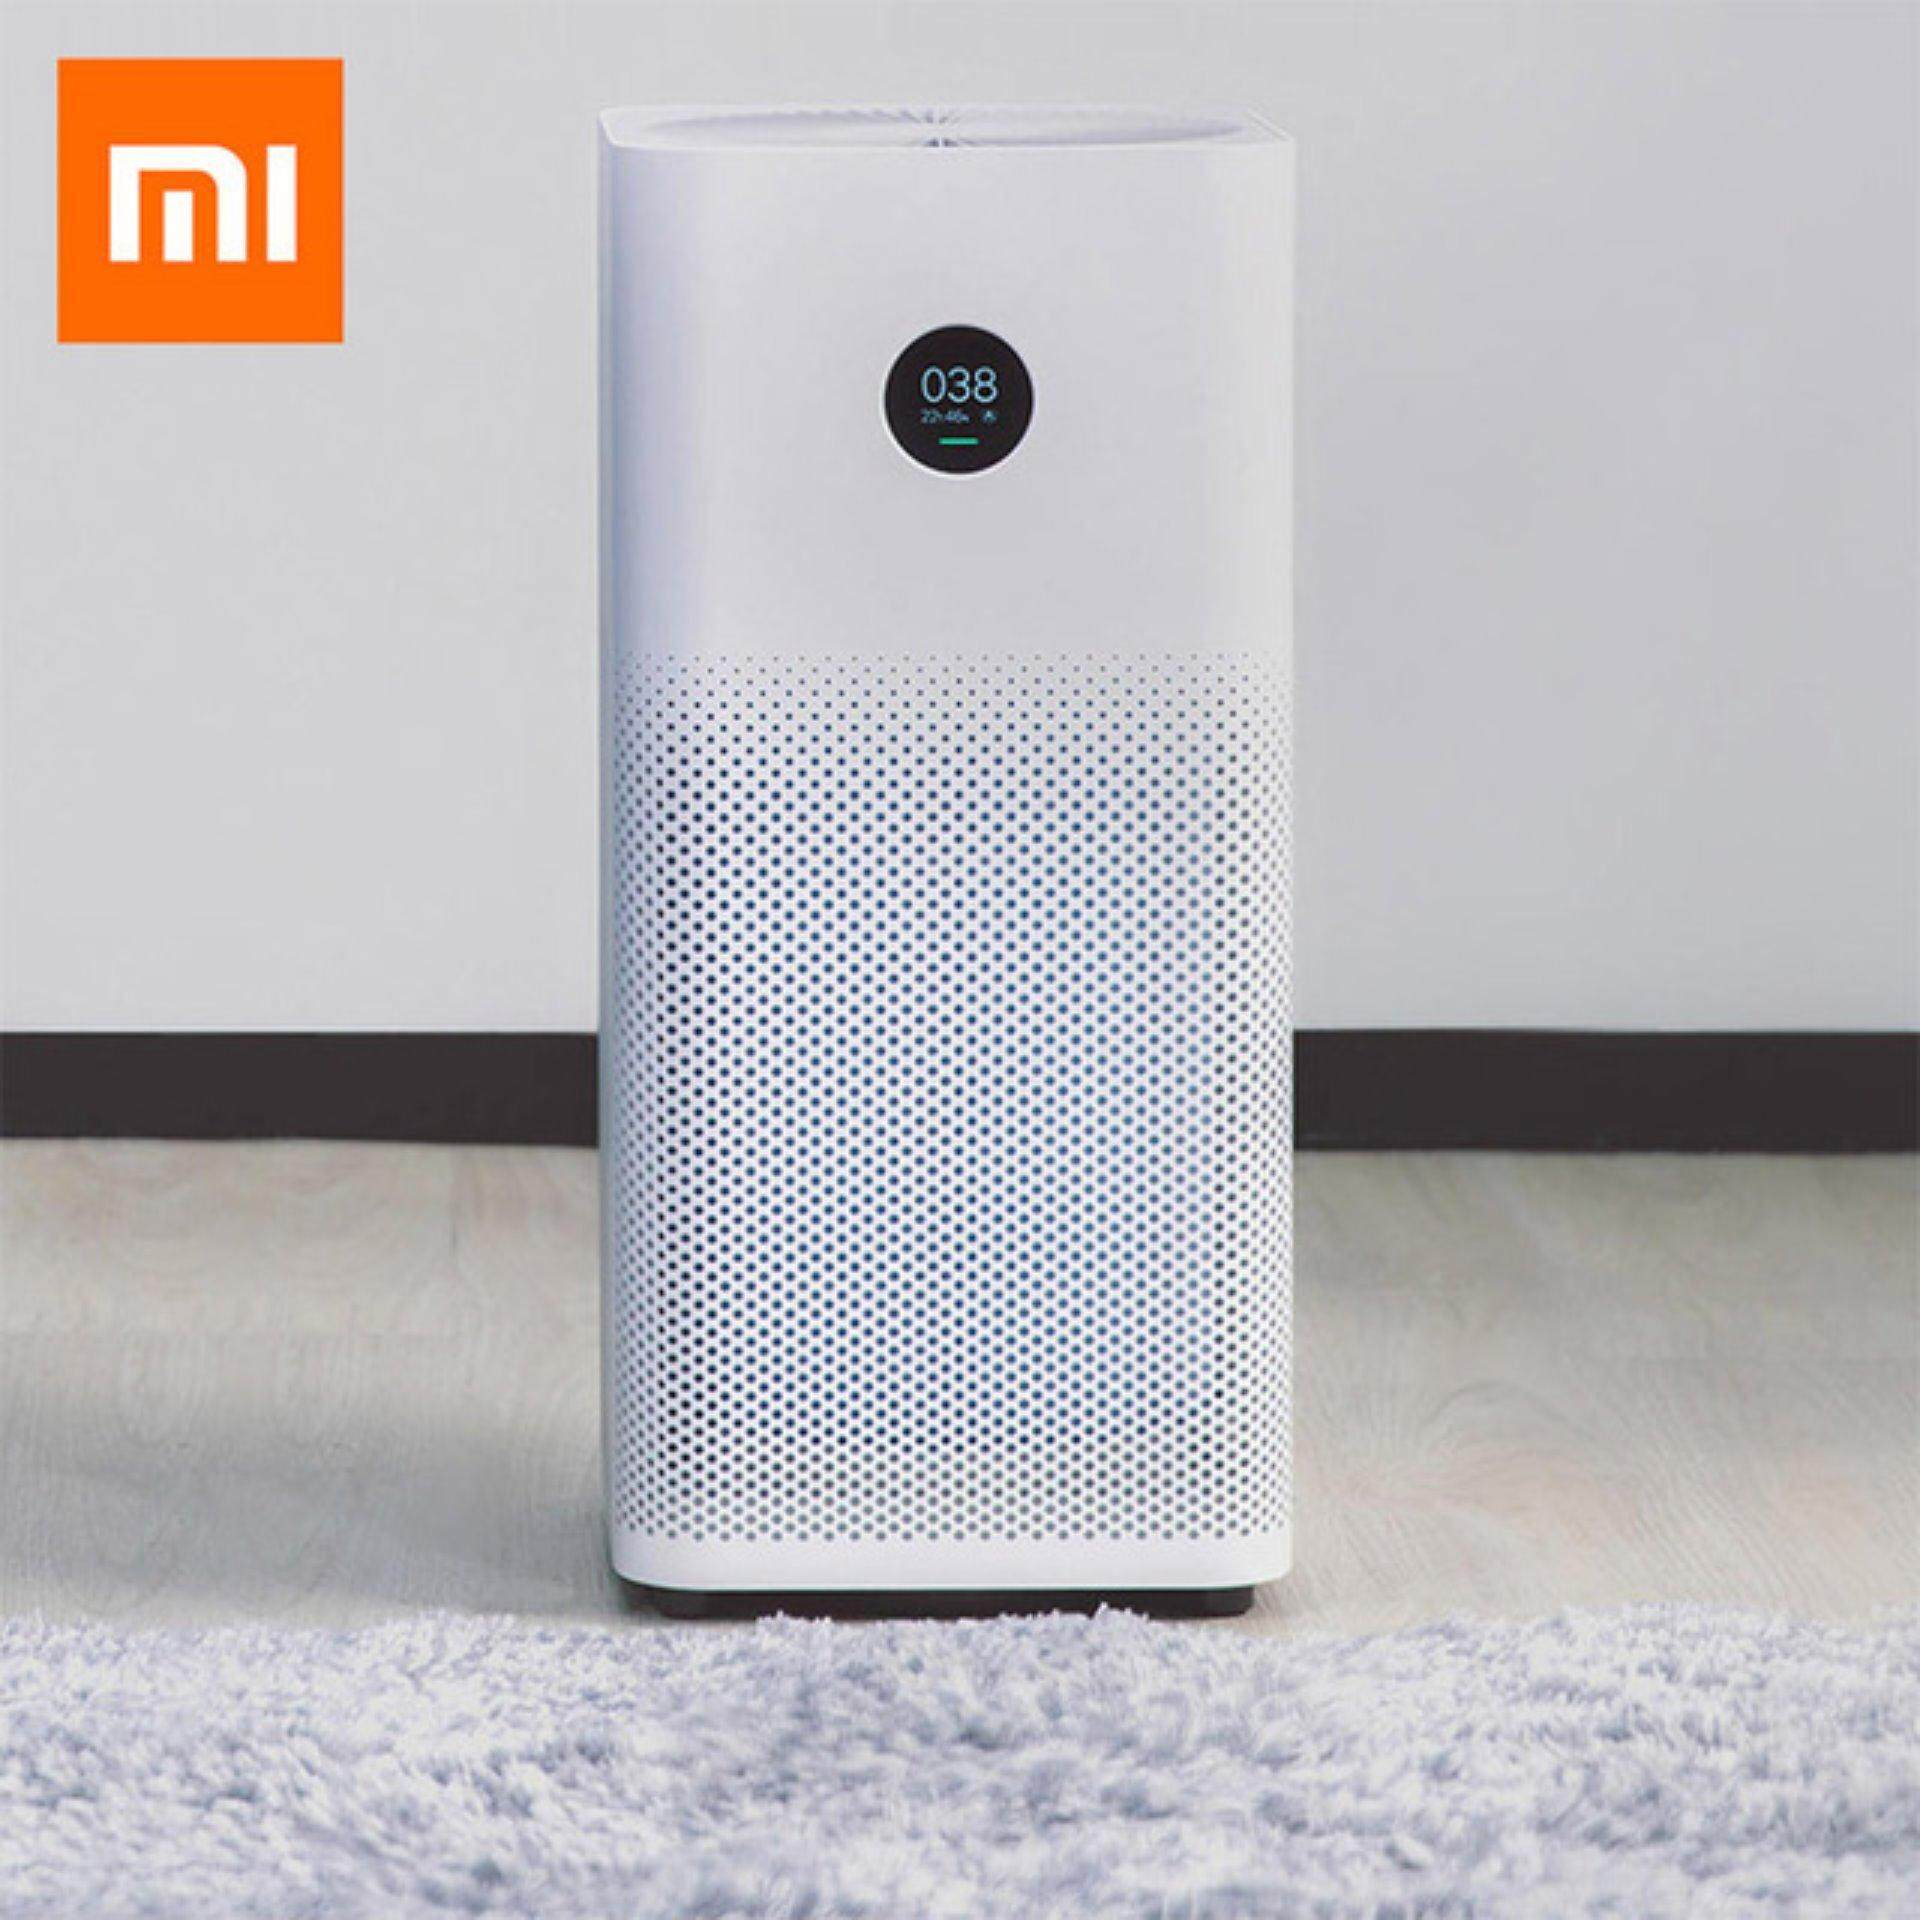 การใช้งาน  นนทบุรี เครื่องฟอกอากาศ Xiaomi MiJia Air Purifier Pro - เครื่องฟอกอากาศ Xiaomi รุ่น Pro (สีขาว)